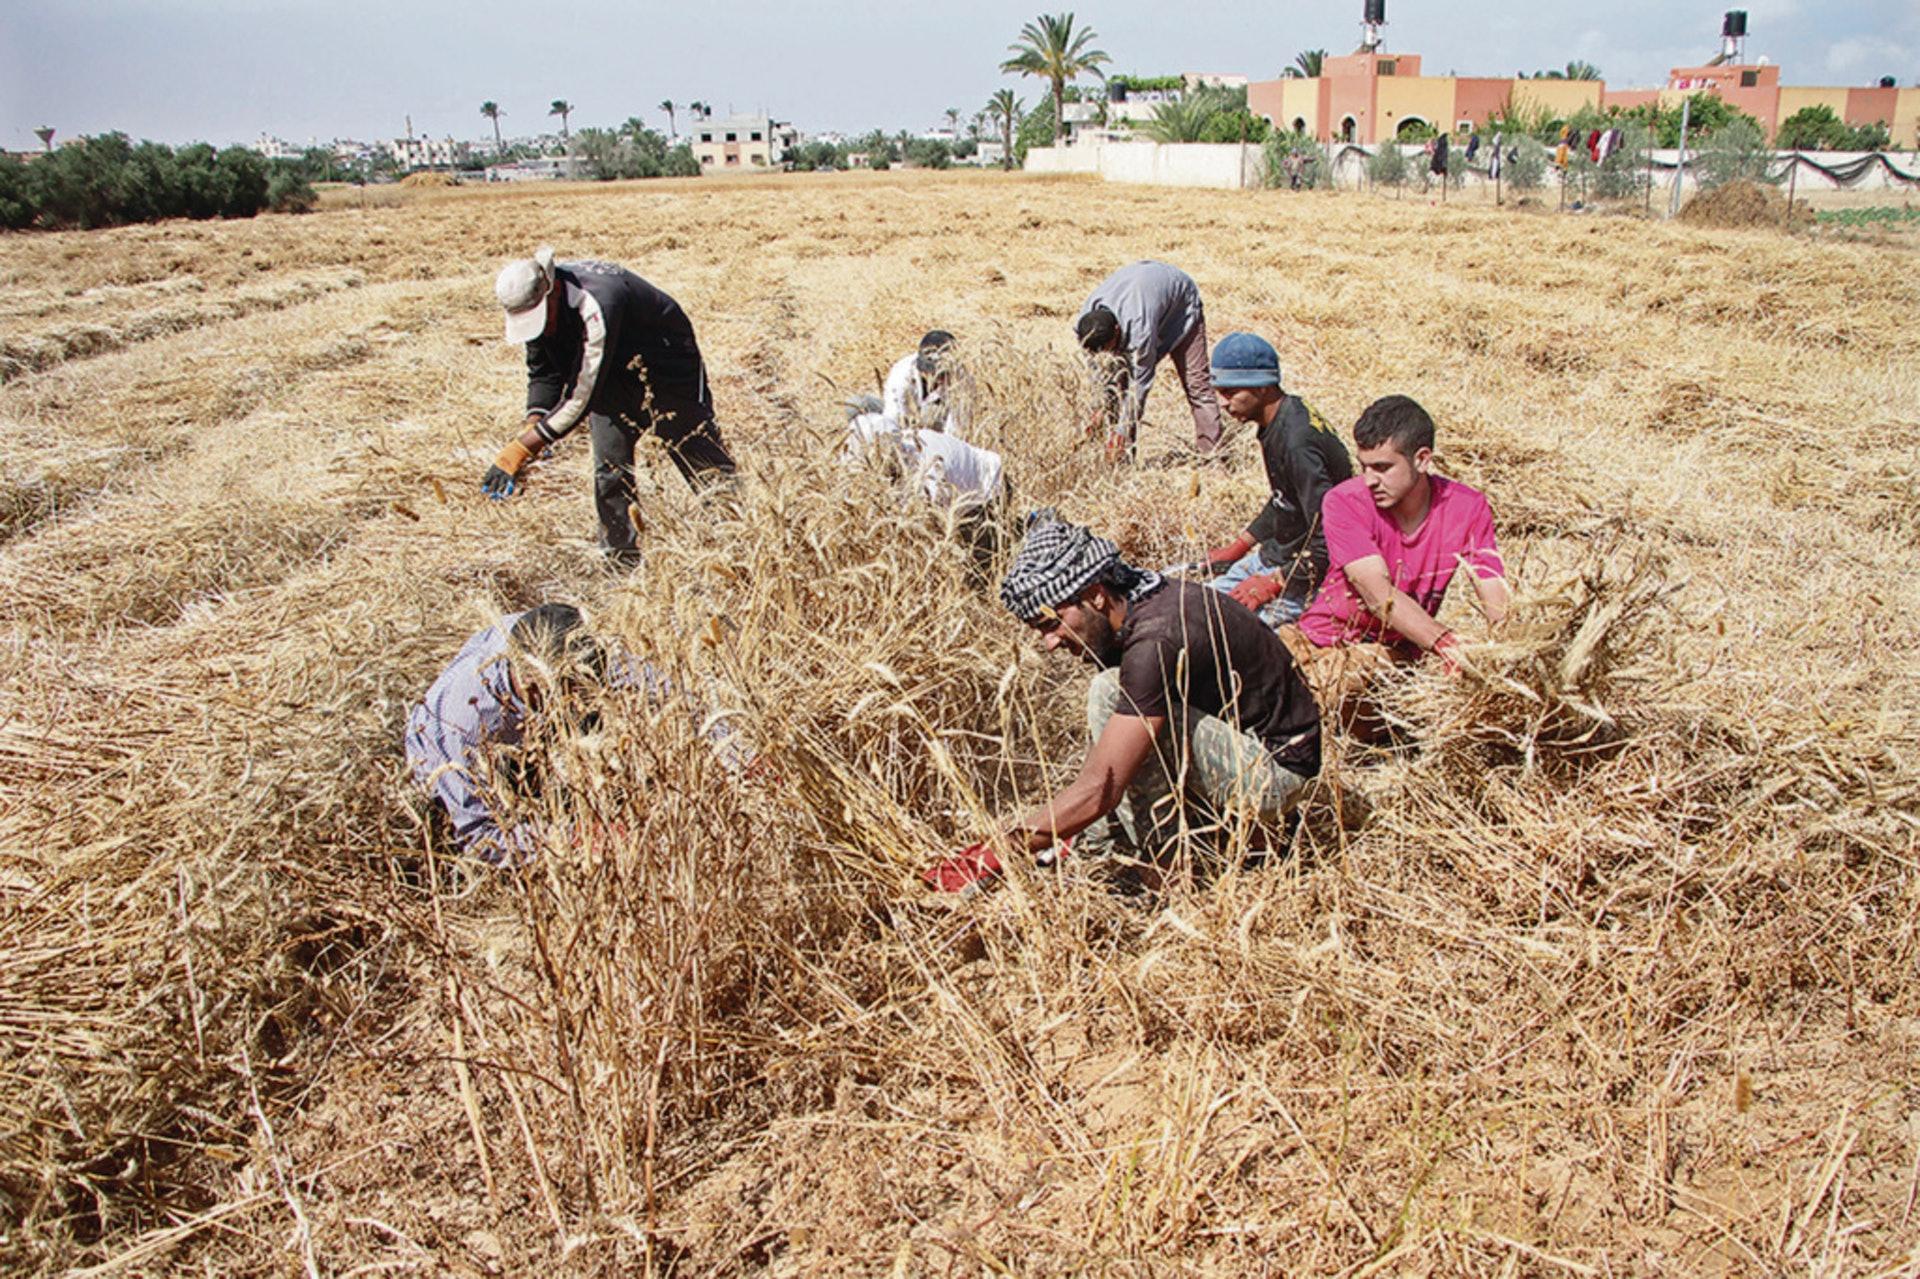 全球正面對糧食危機,預料嚴重糧食不足人口將增至2.65億。圖為巴基斯坦青年在加薩的農場收割小麥。(新華社)